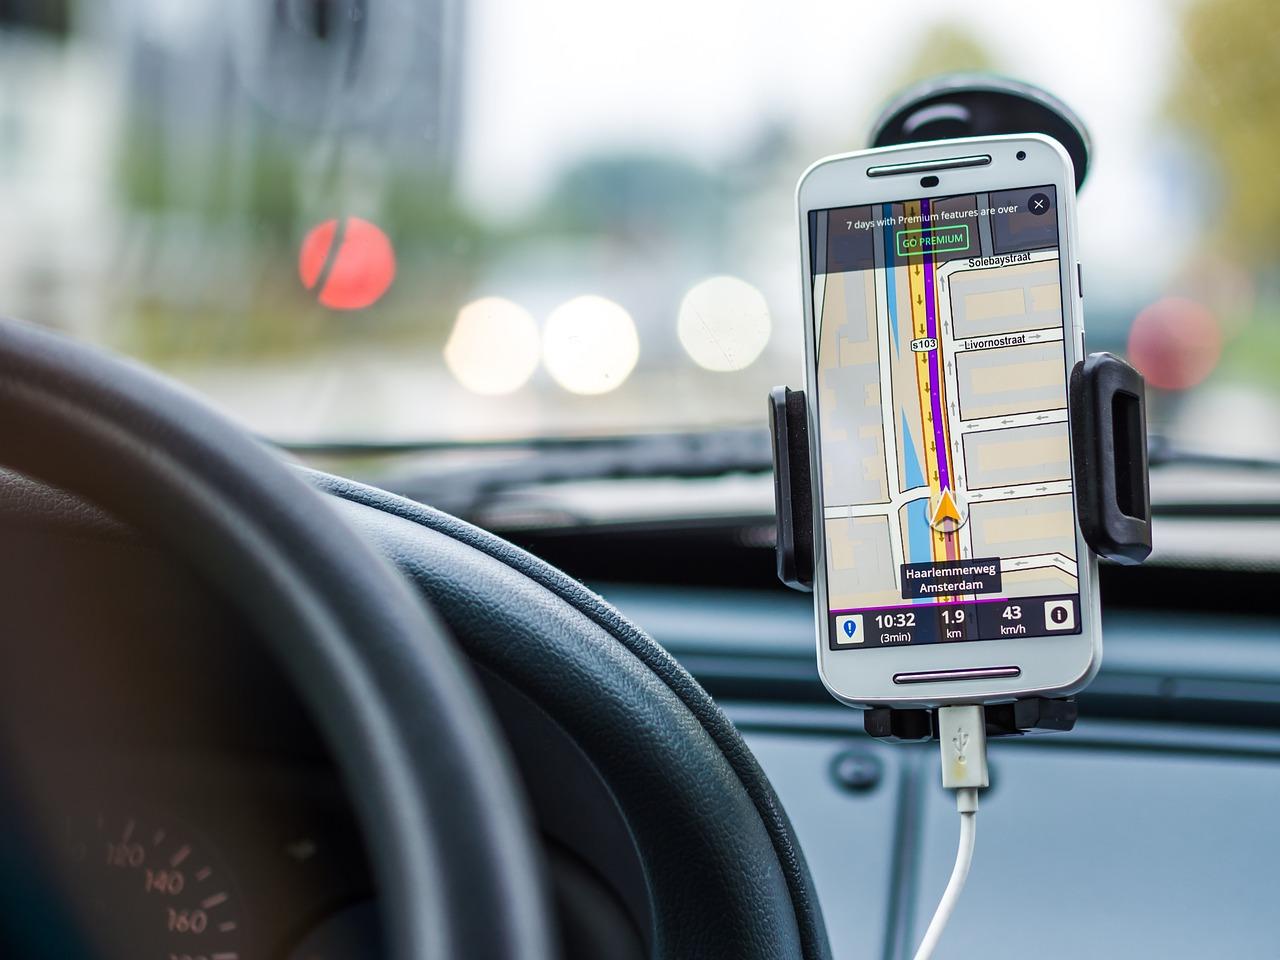 Målretting av Facebook-annonsering - Bygg din egen GPS